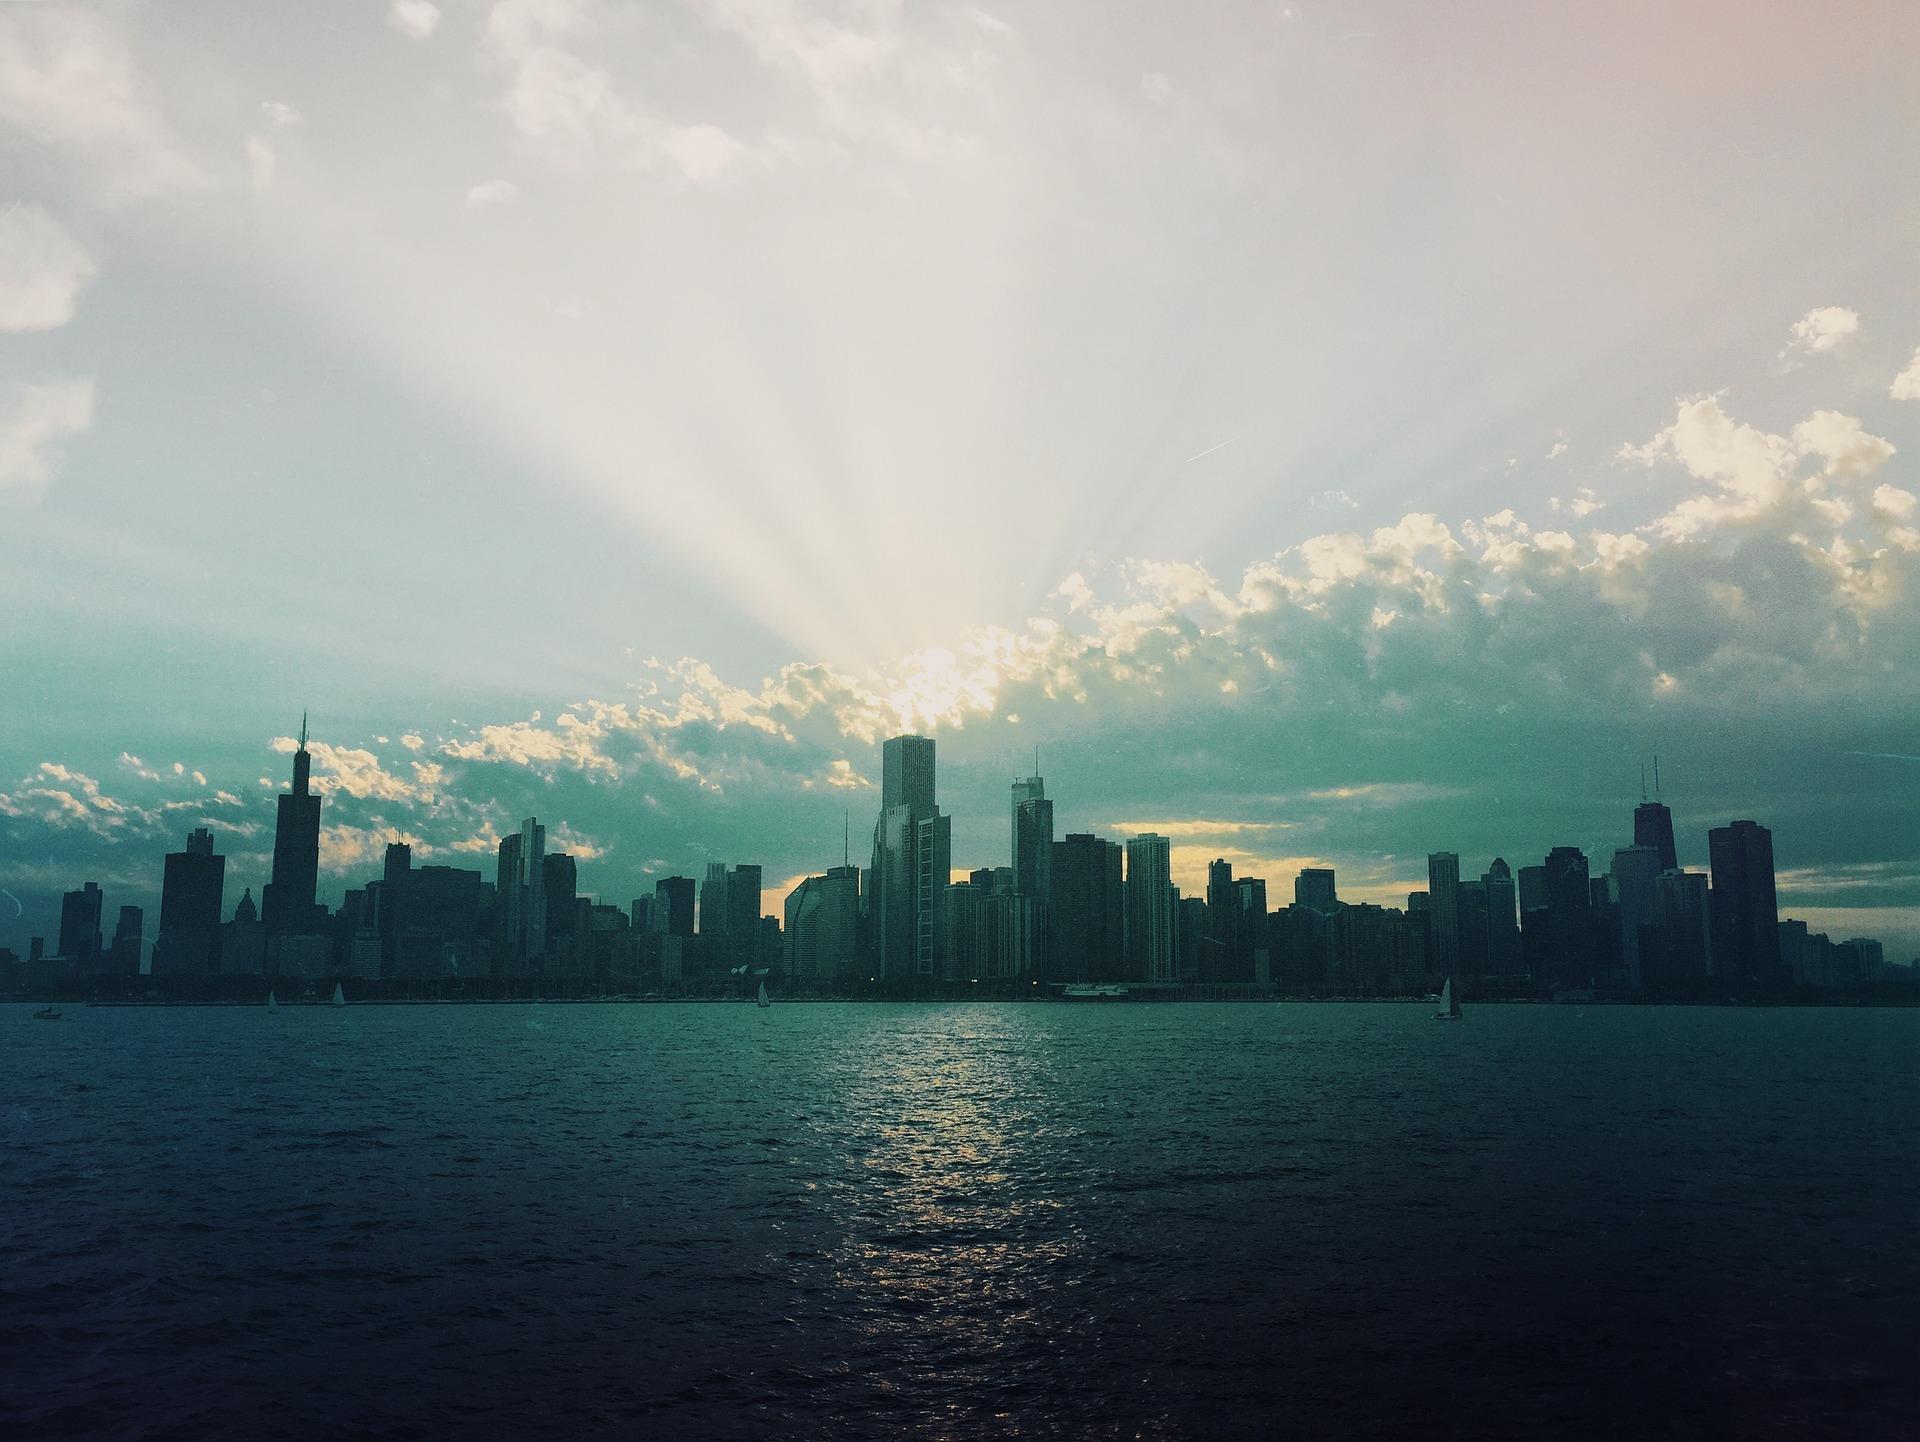 chicago-828912_1920.jpg